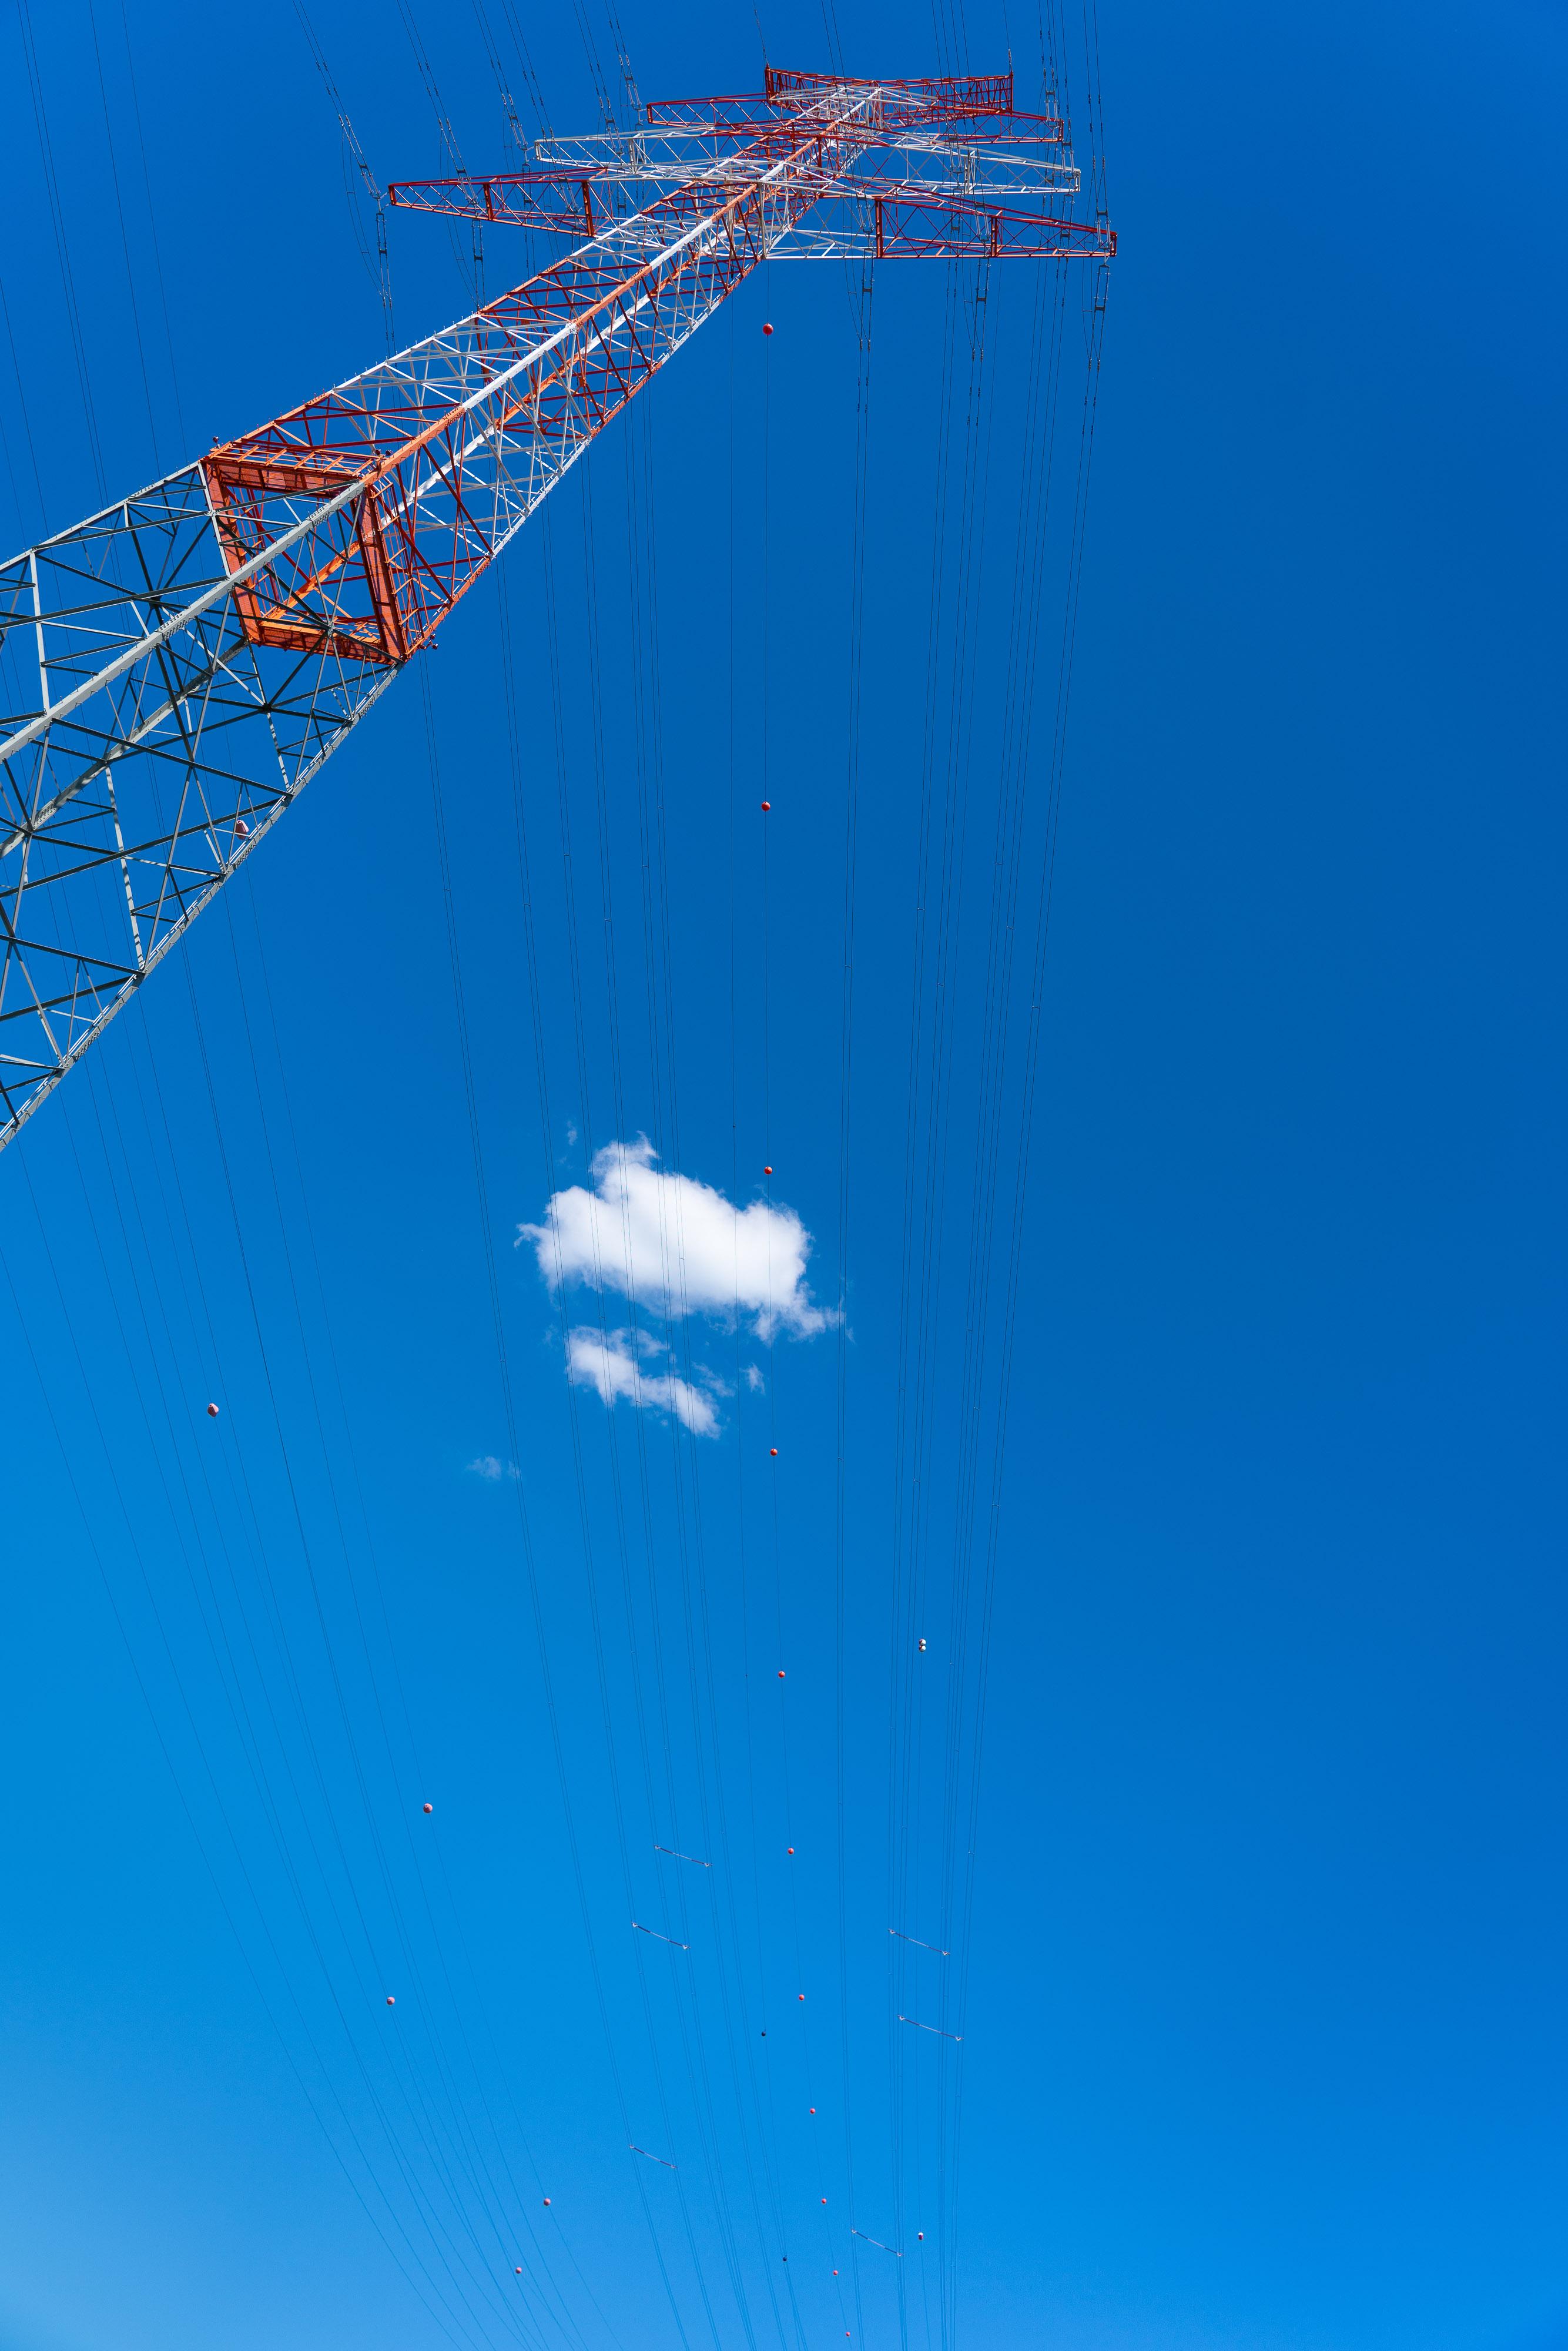 Wolkenschneider